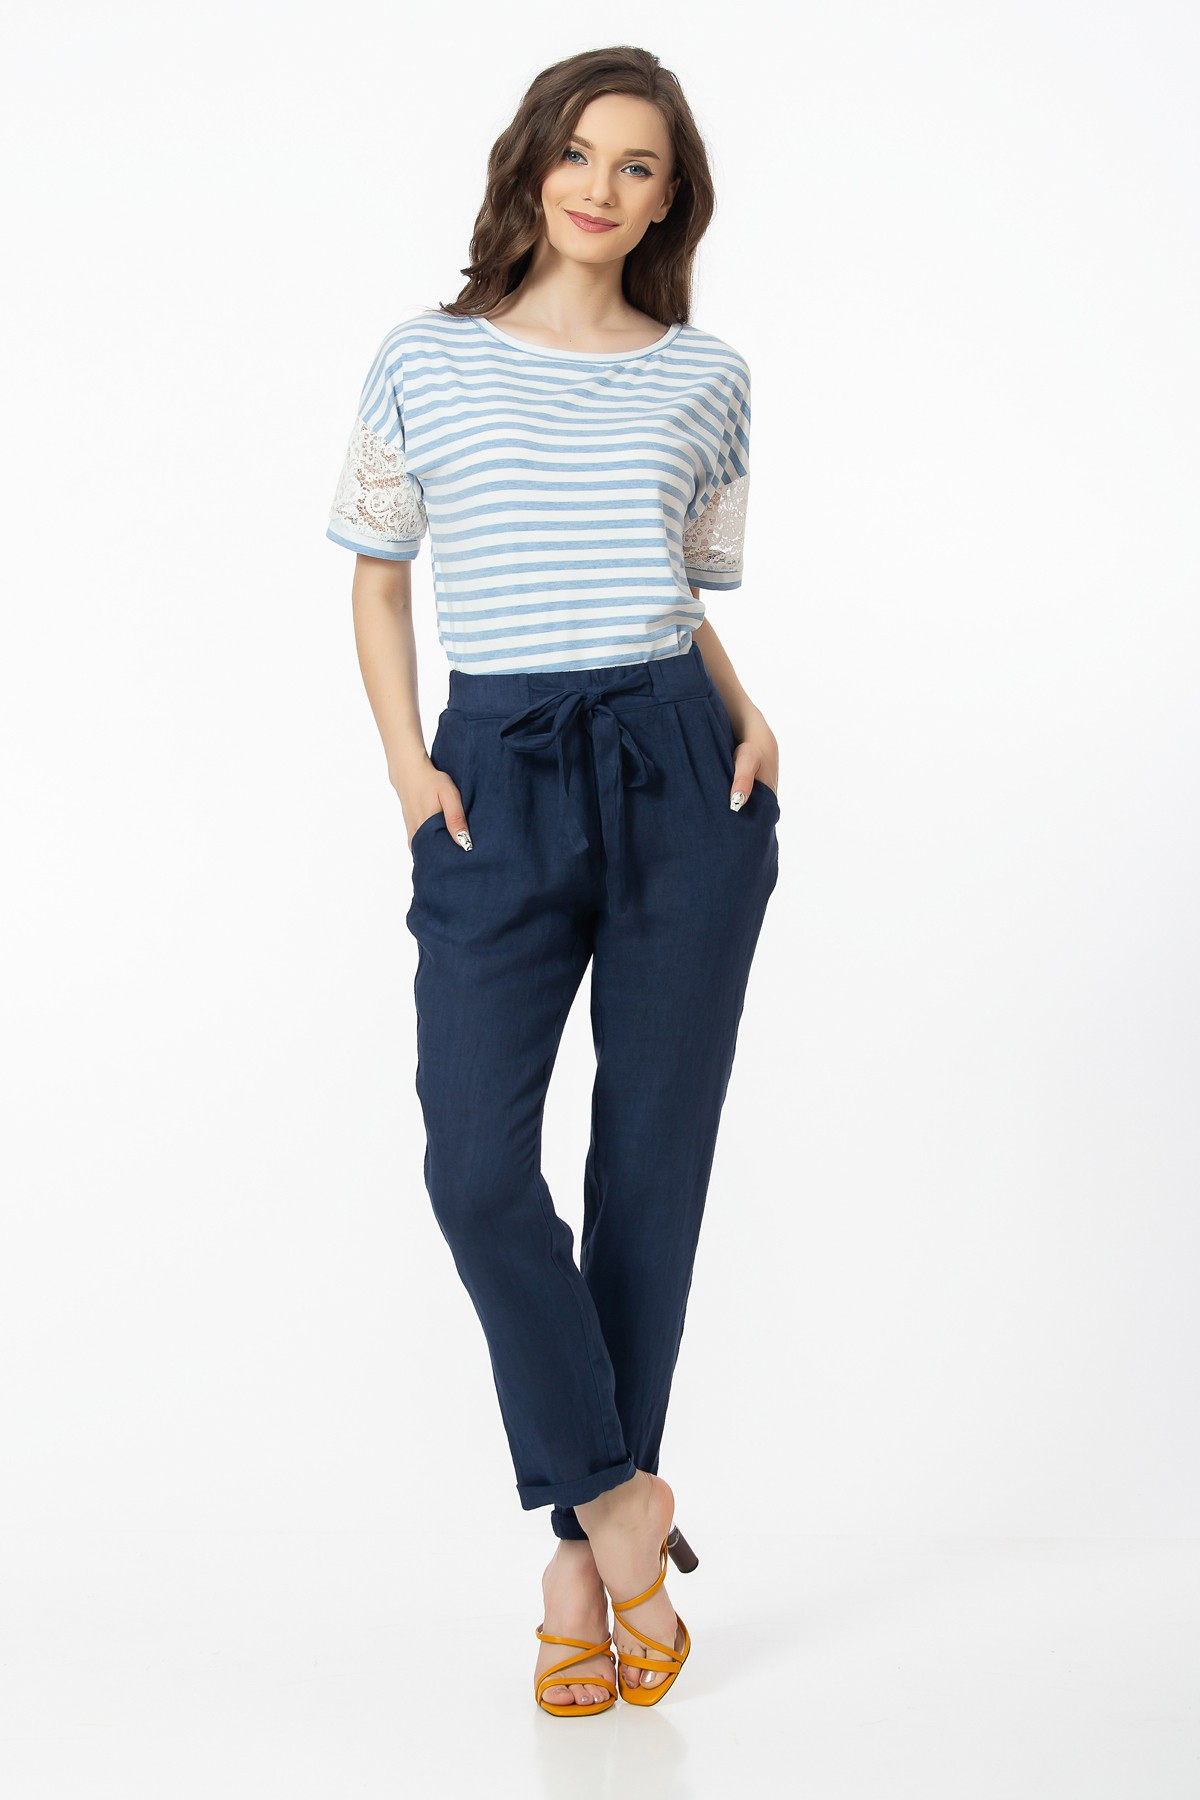 pantaloni-bleumarin-sailor-sense